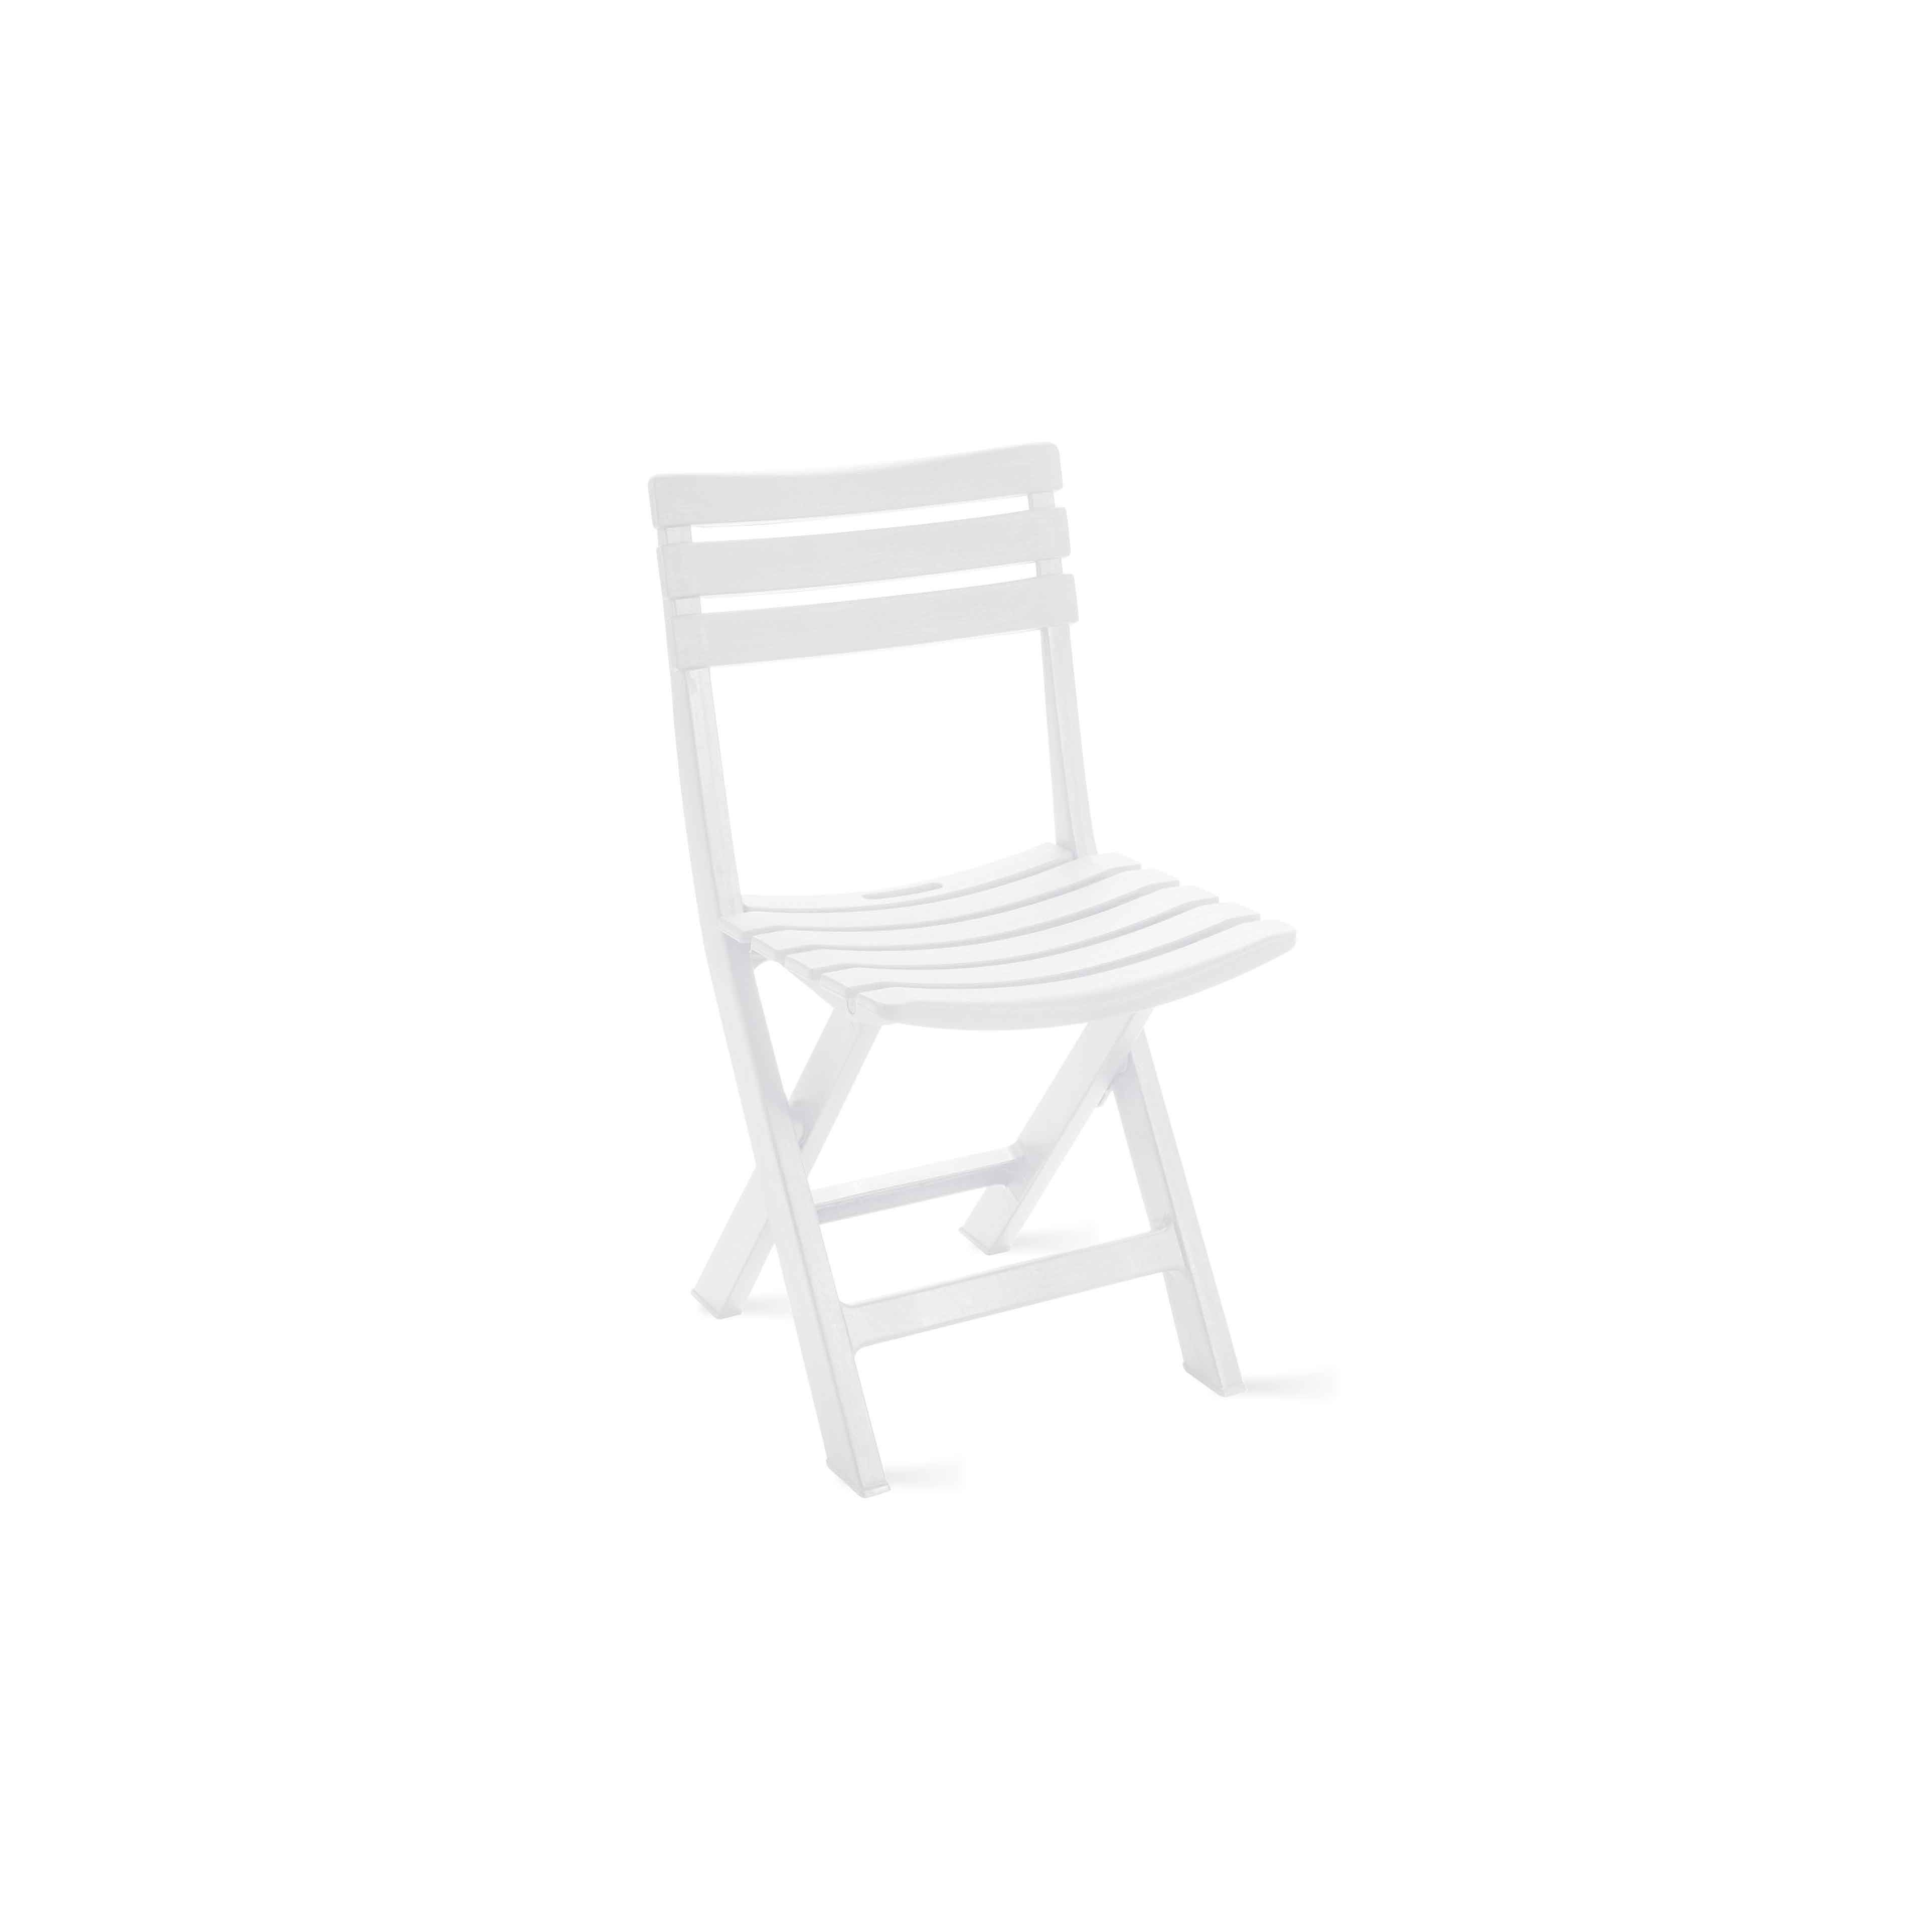 chaise pliante de jardin en pvc. Black Bedroom Furniture Sets. Home Design Ideas